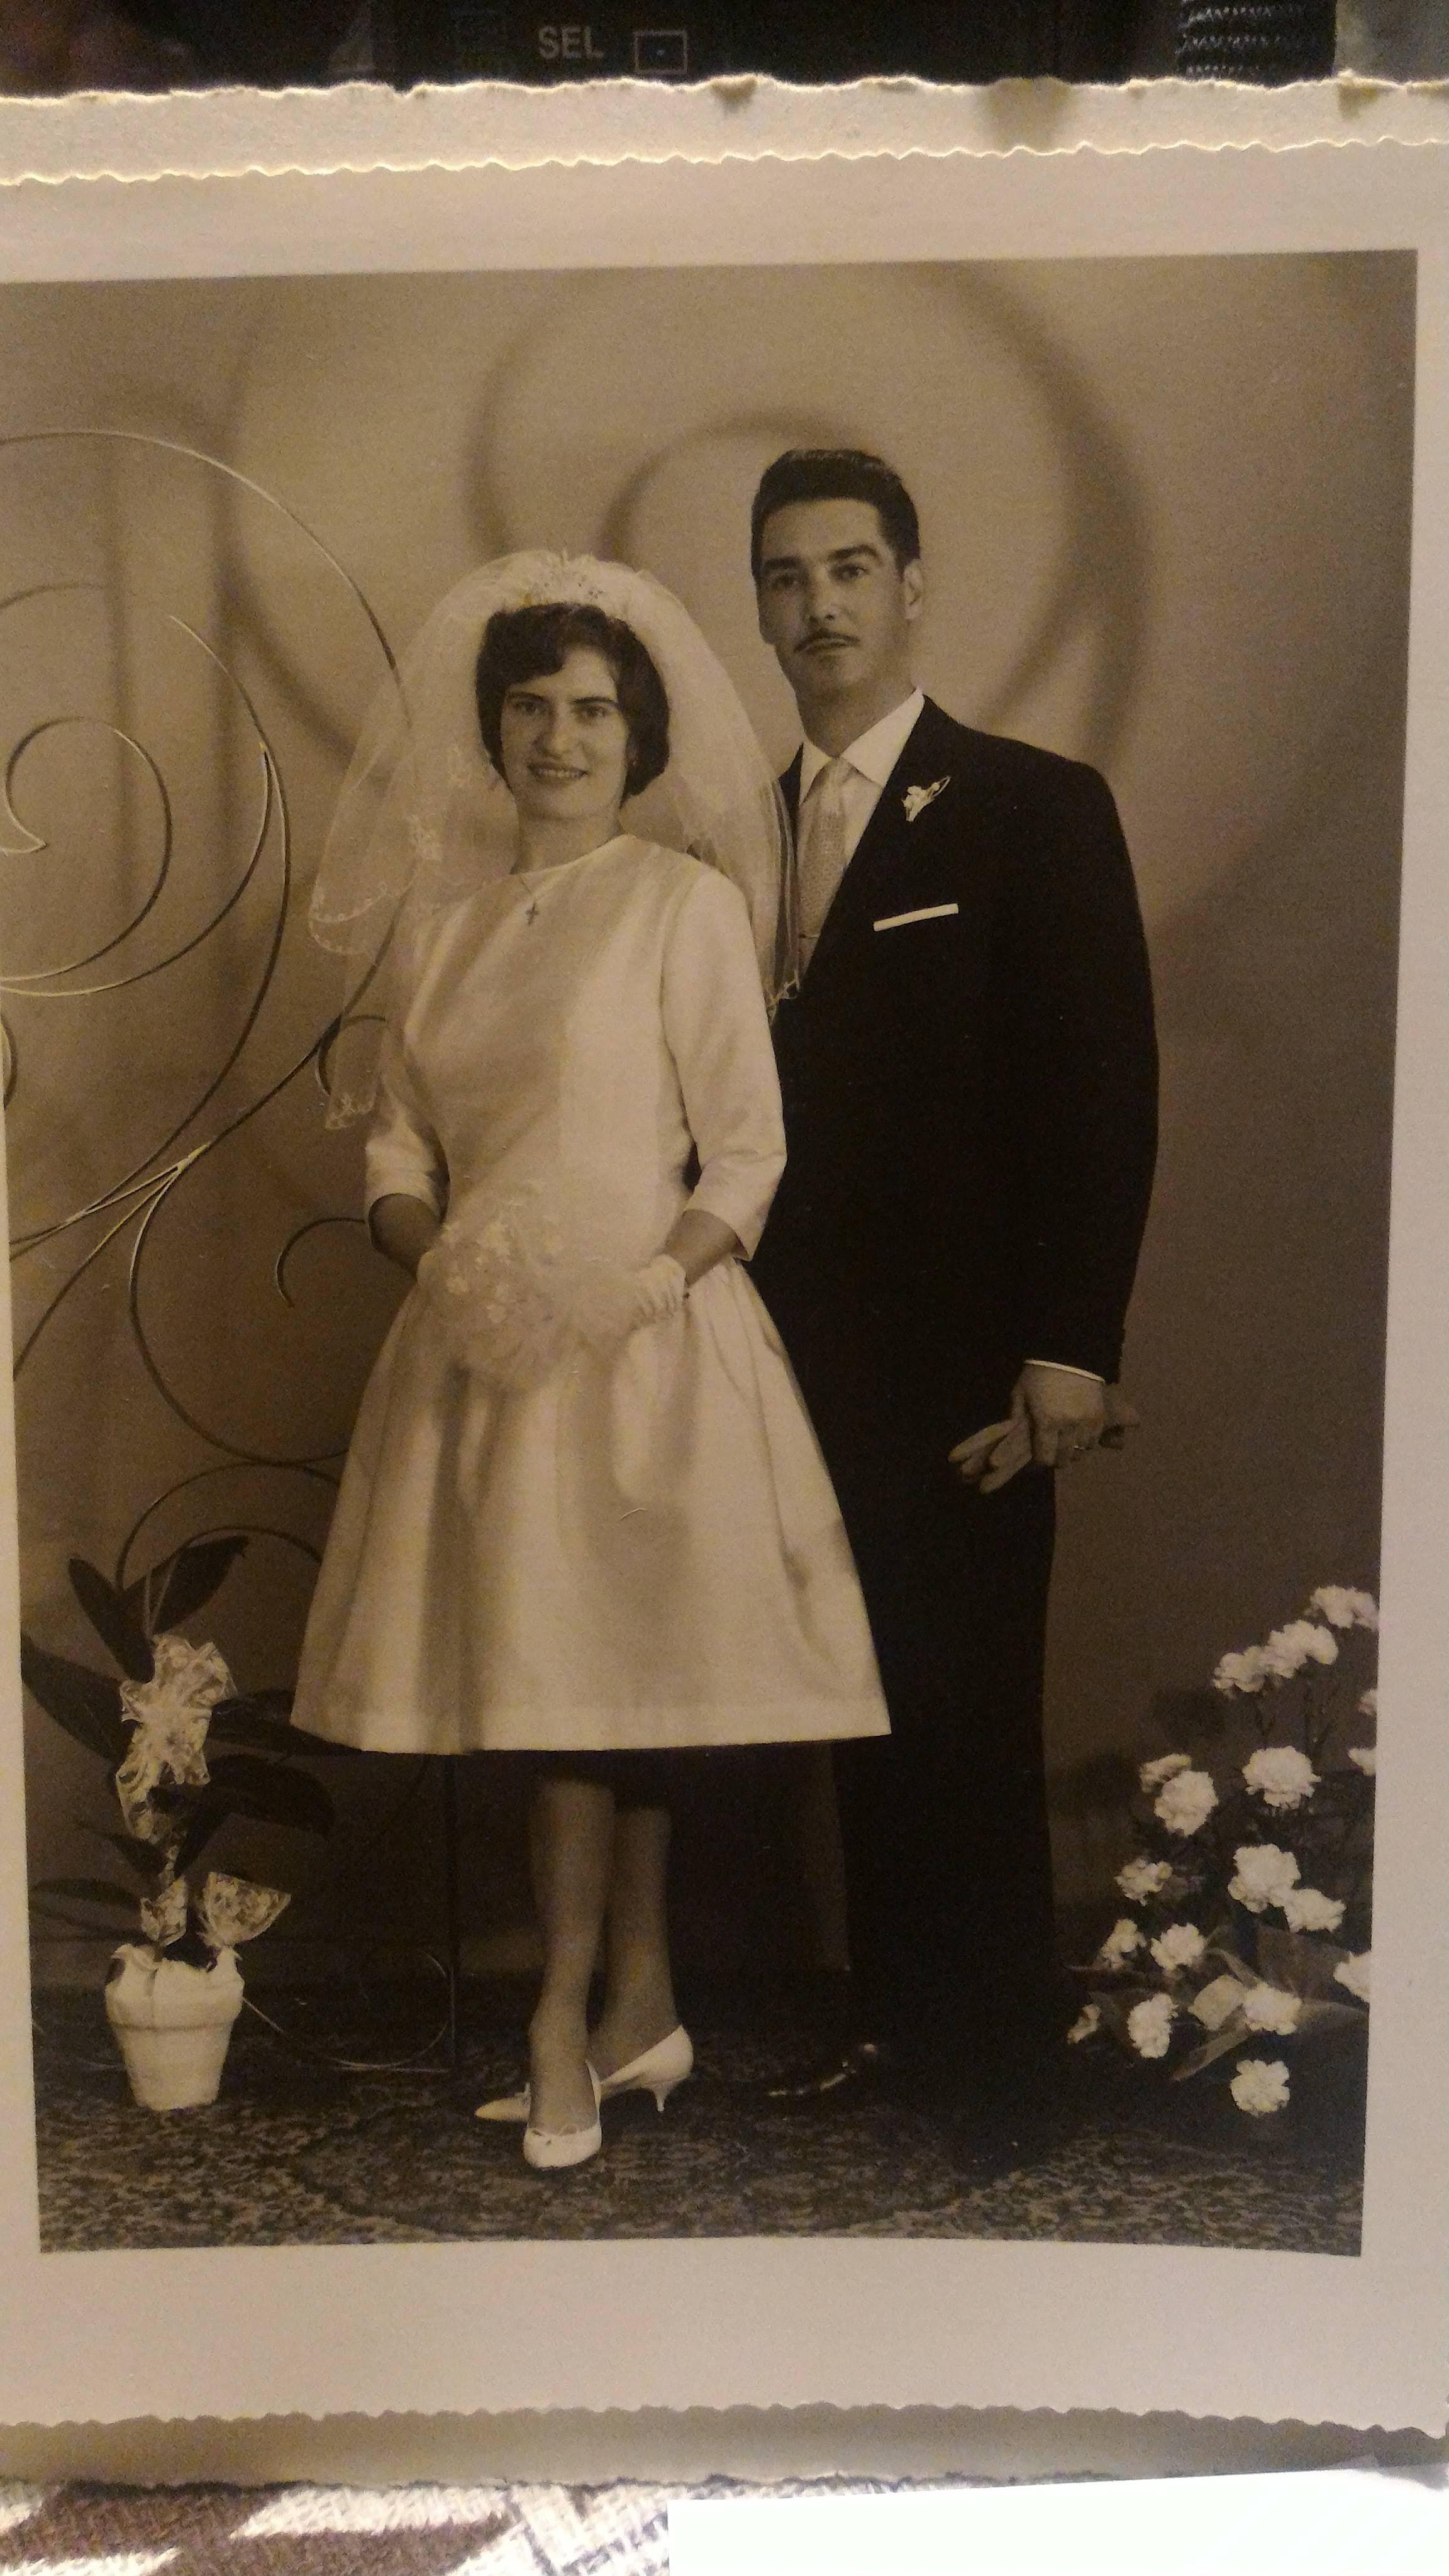 Mariage de Charles Desricourt de Lanux (Charly) et Arlette